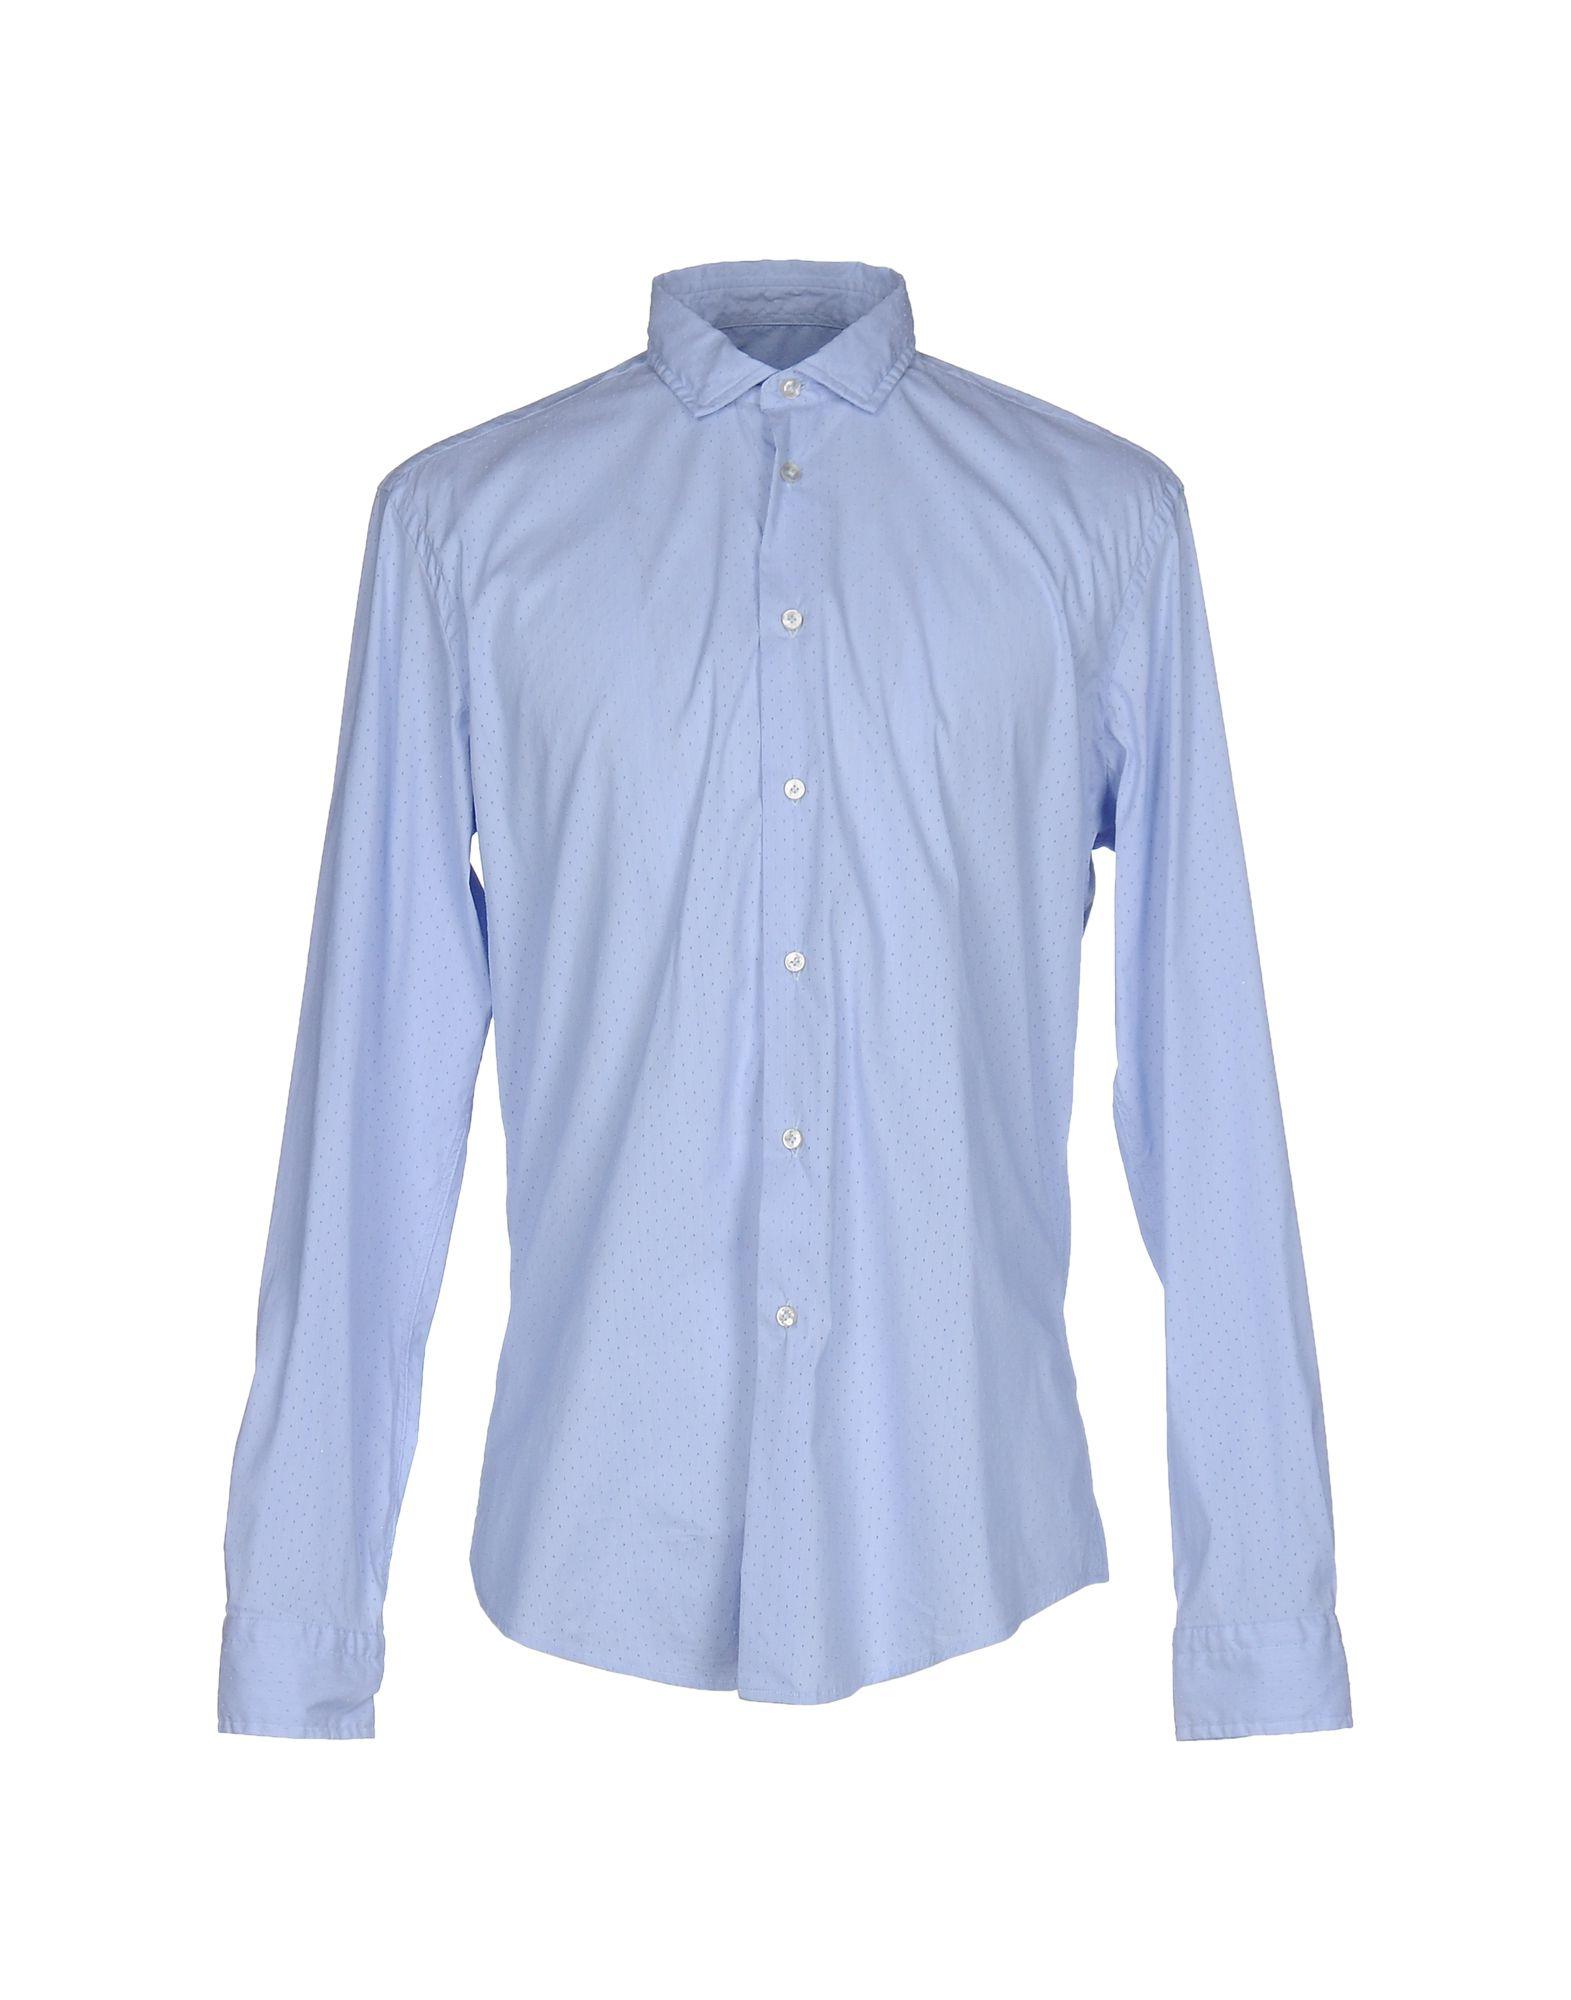 BRIAN DALES Herren Hemd Farbe Himmelblau Größe 3 jetztbilligerkaufen